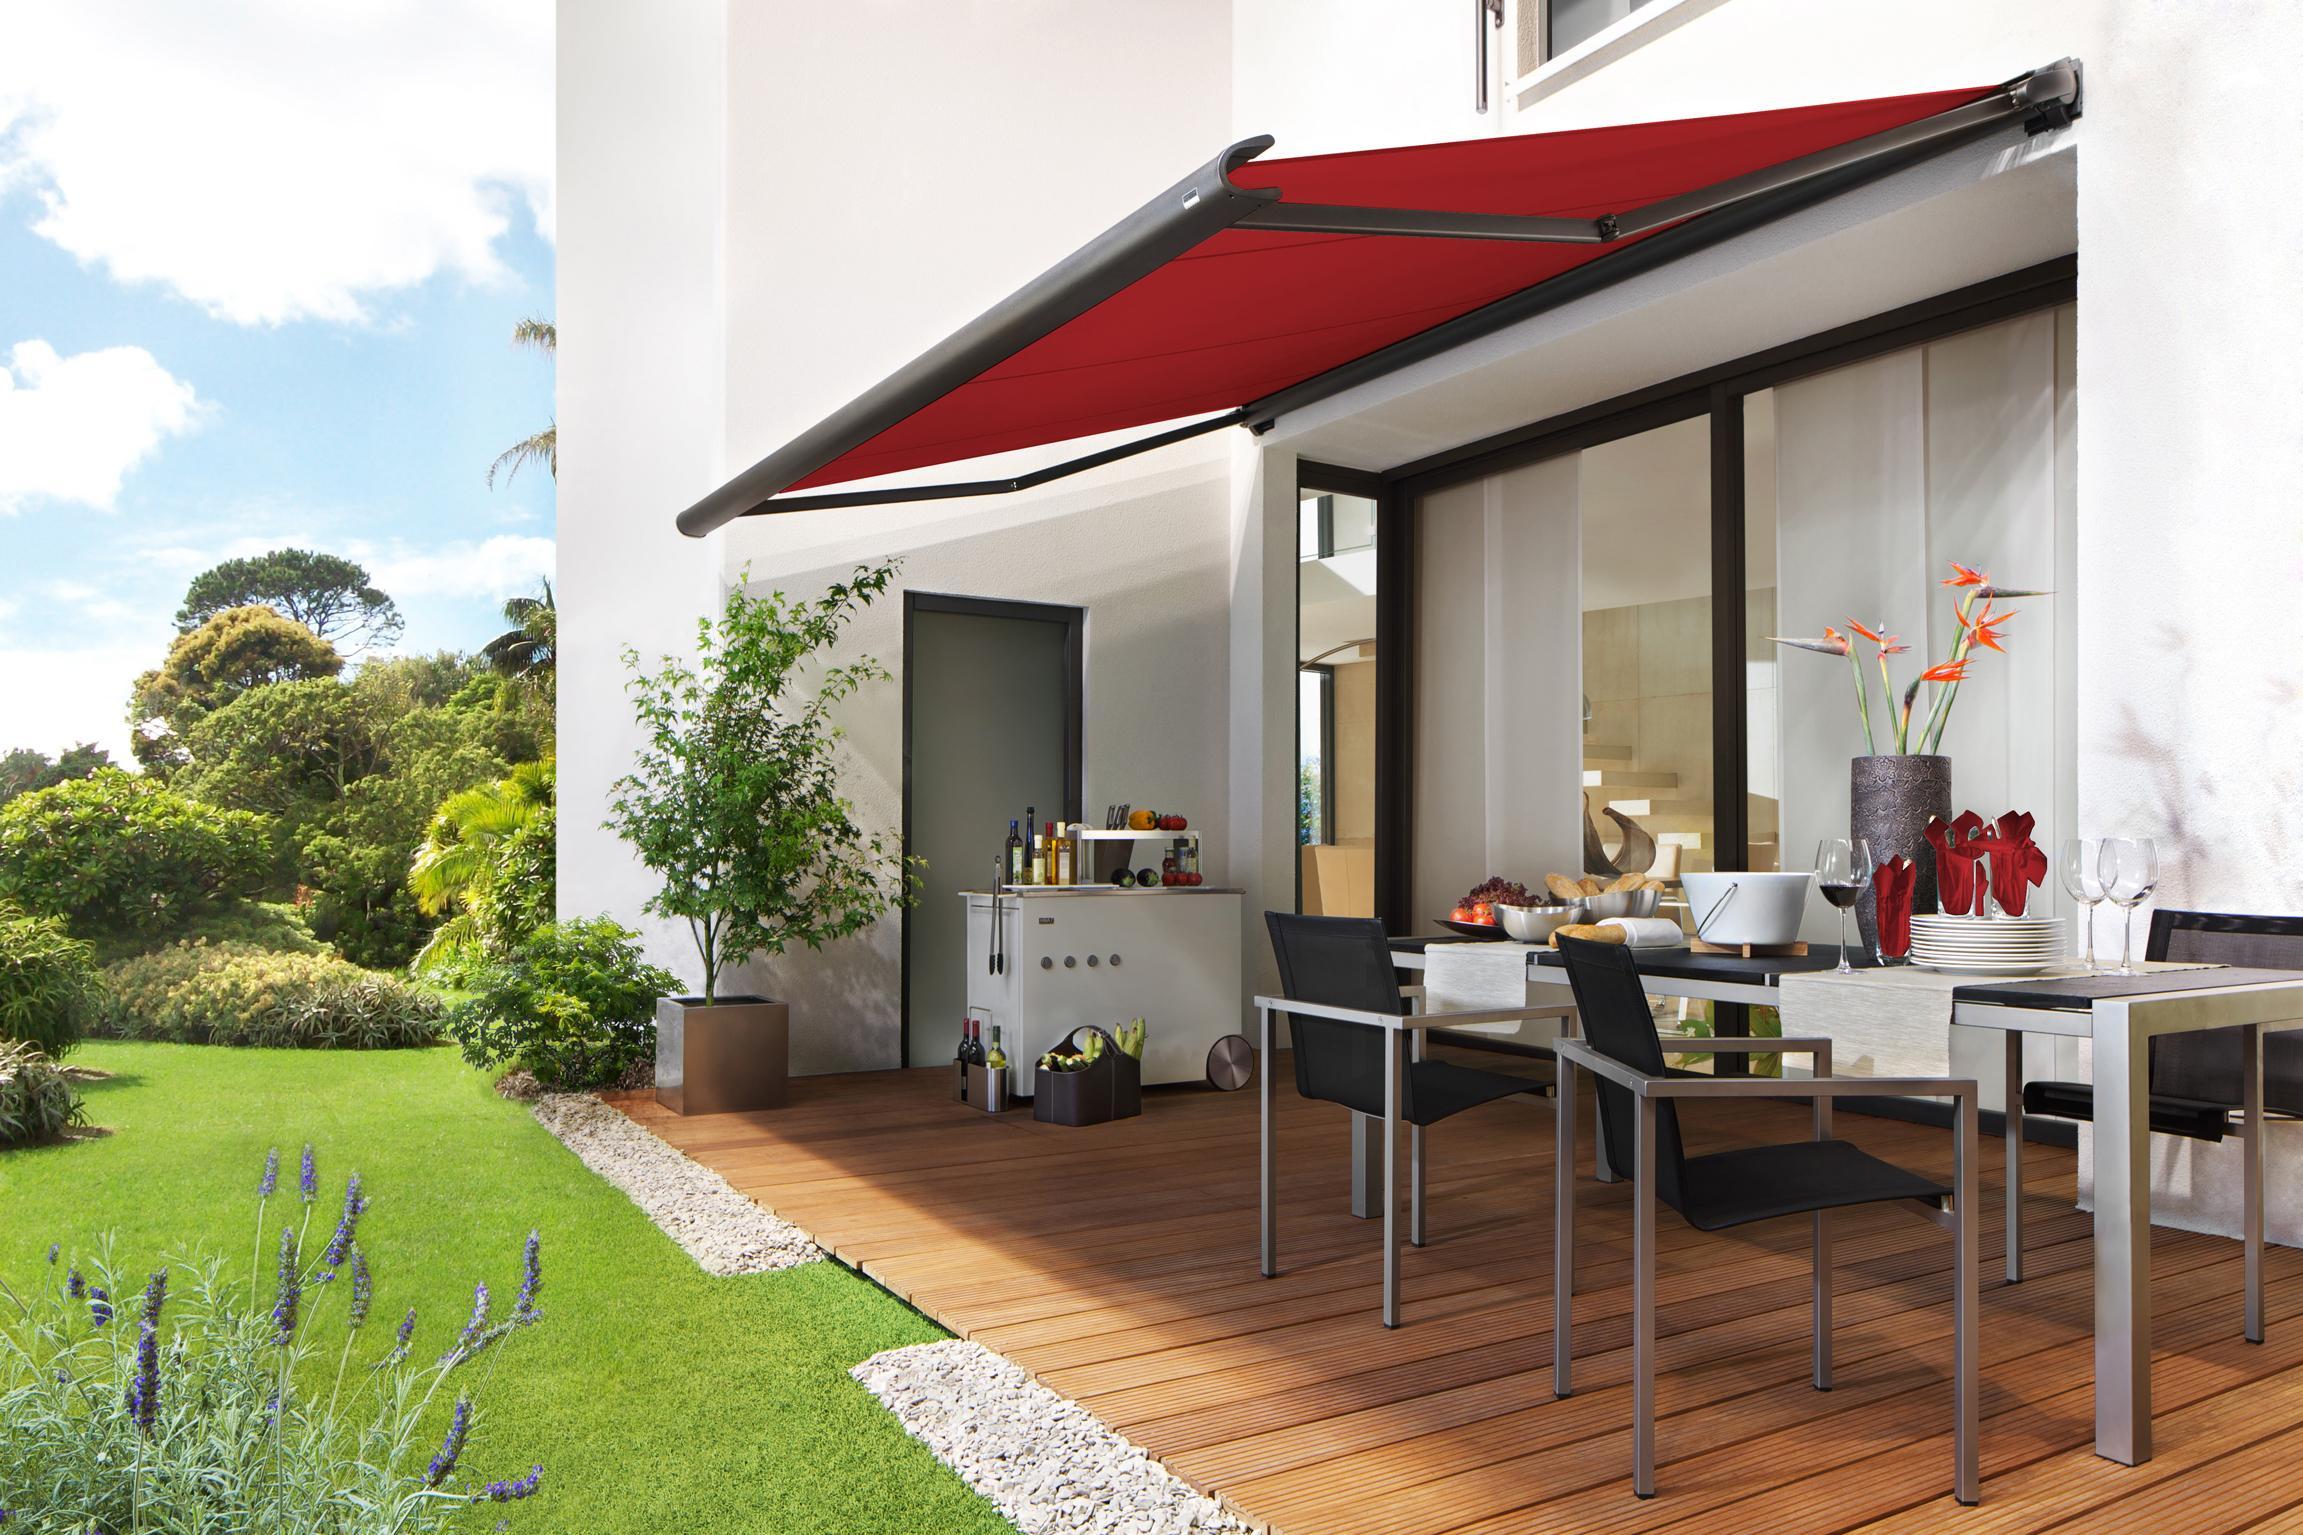 Terassengestaltung  Terrassengestaltung • Bilder & Ideen • COUCHstyle